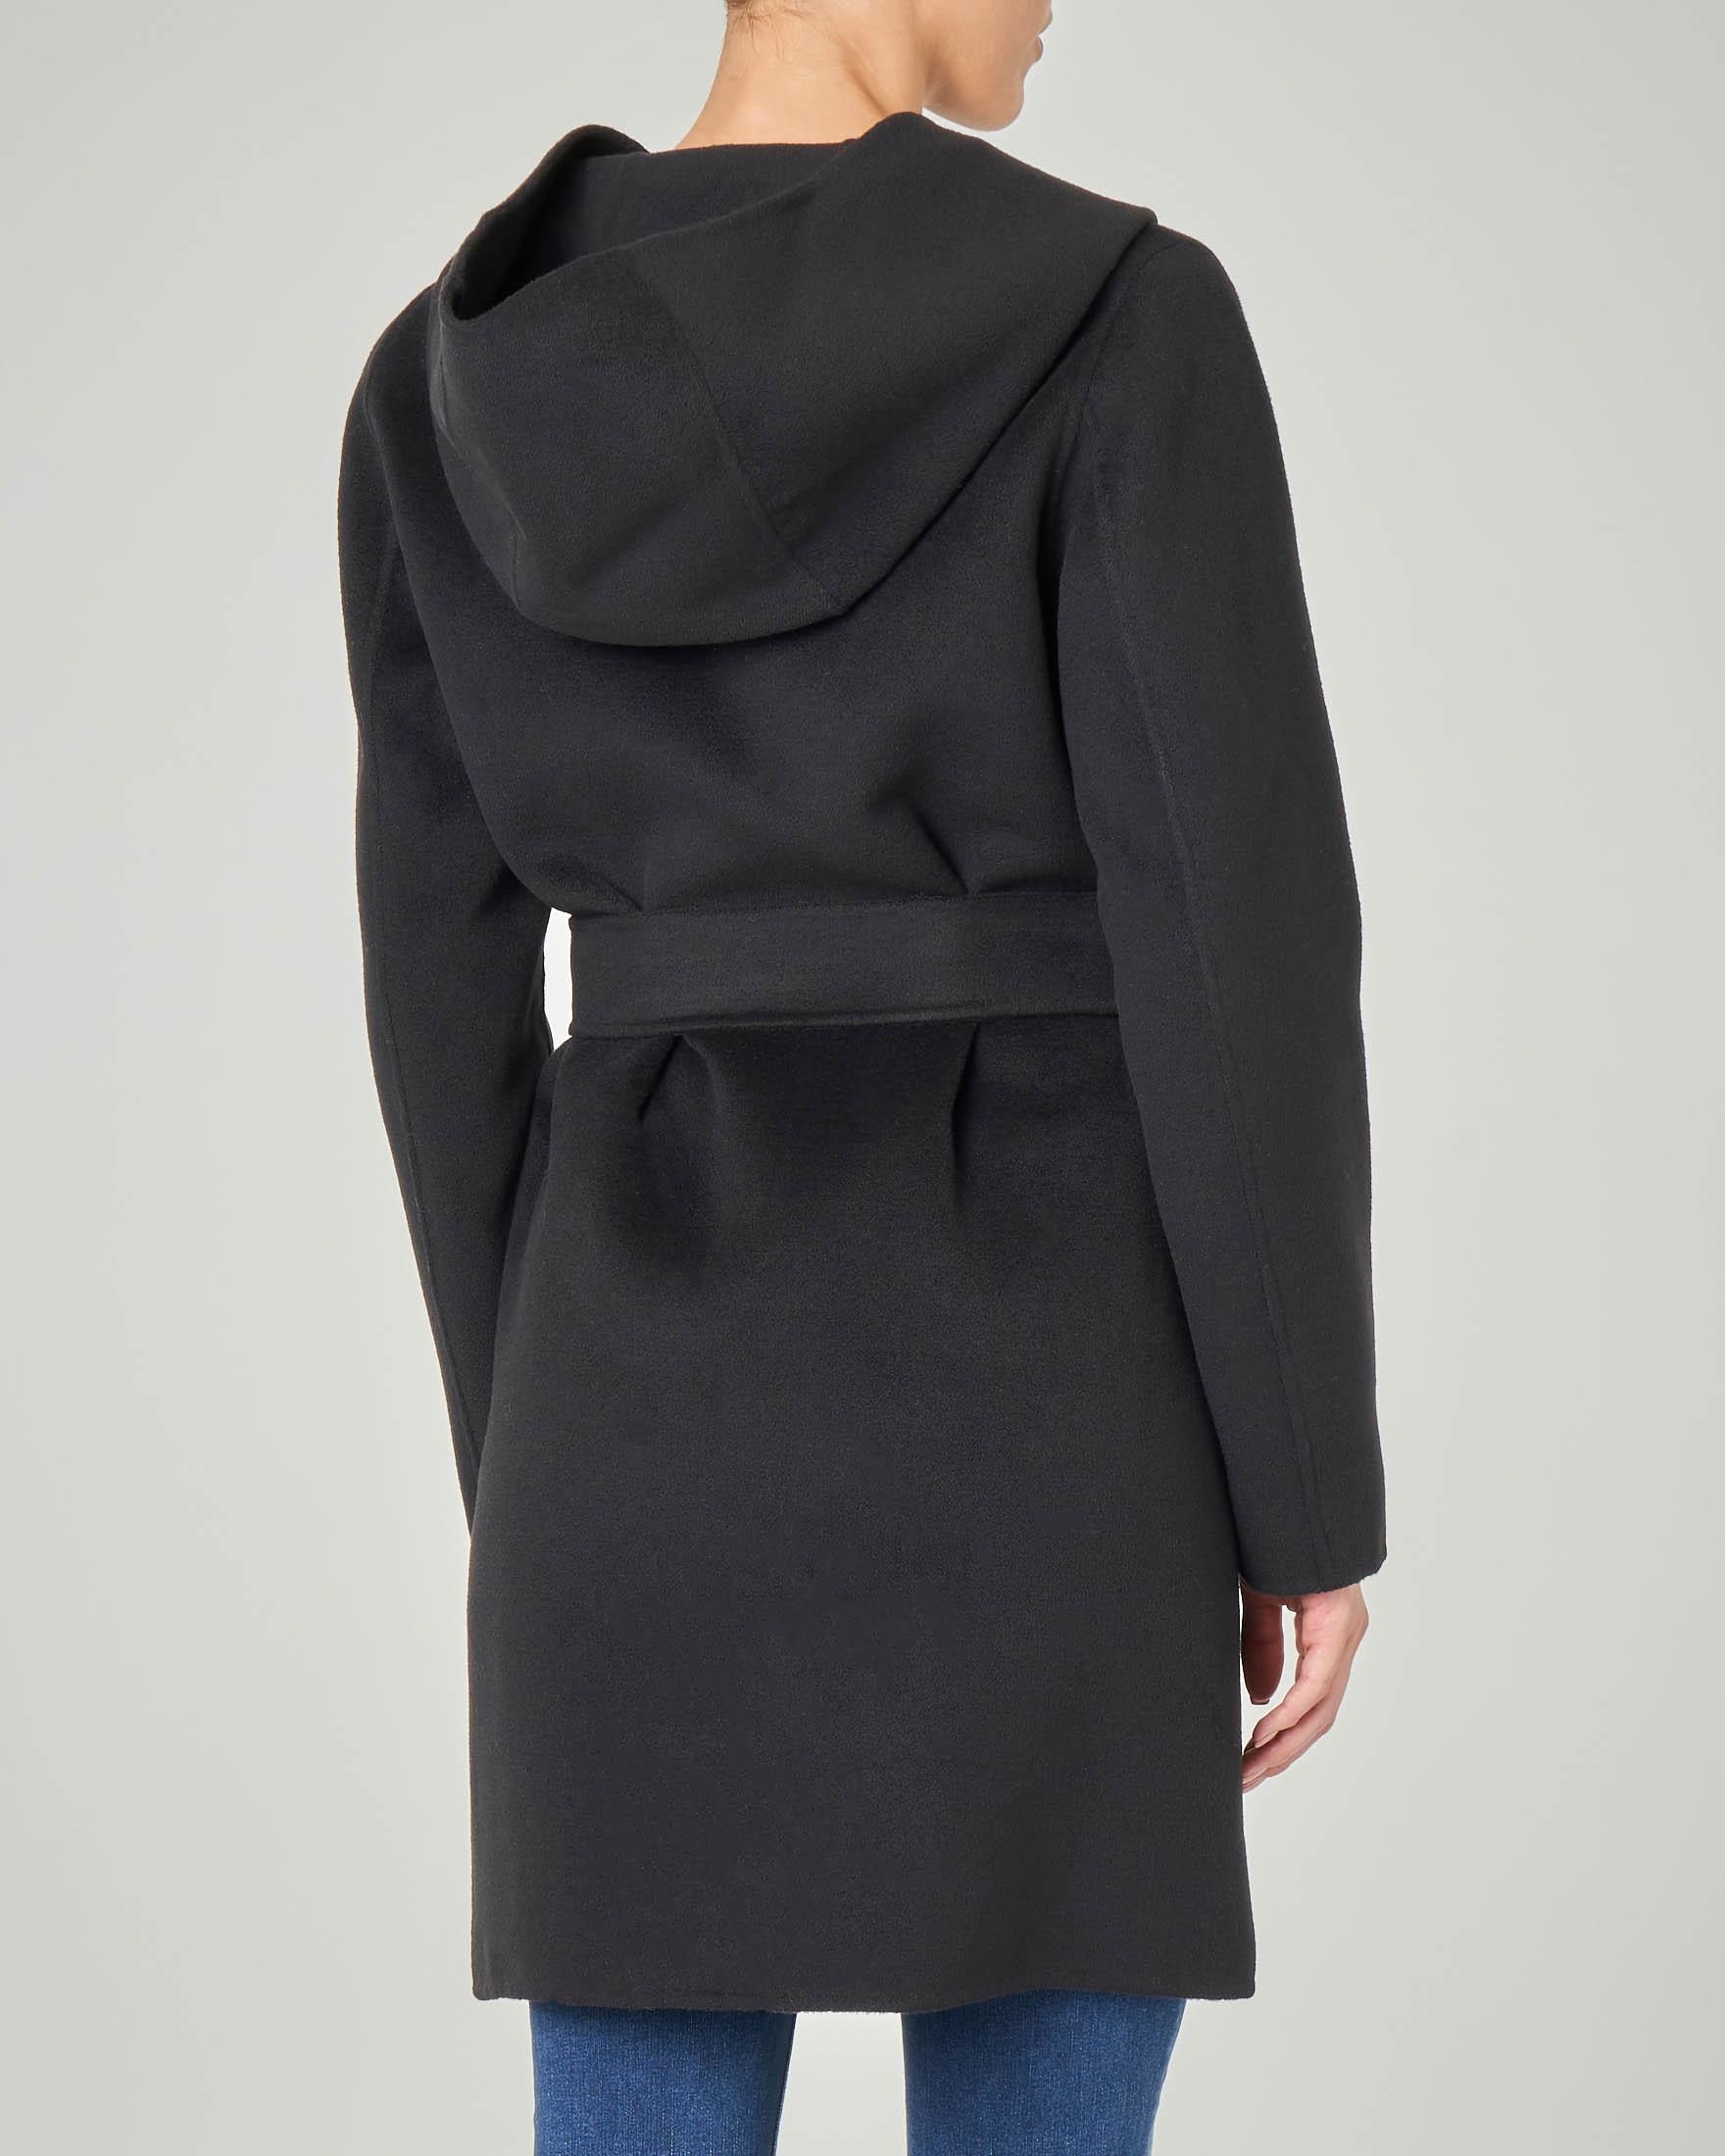 check out 0cd74 fa08d Cappotto corto in panno nero con collo sciallato e cappuccio | Pellizzari  E-commerce